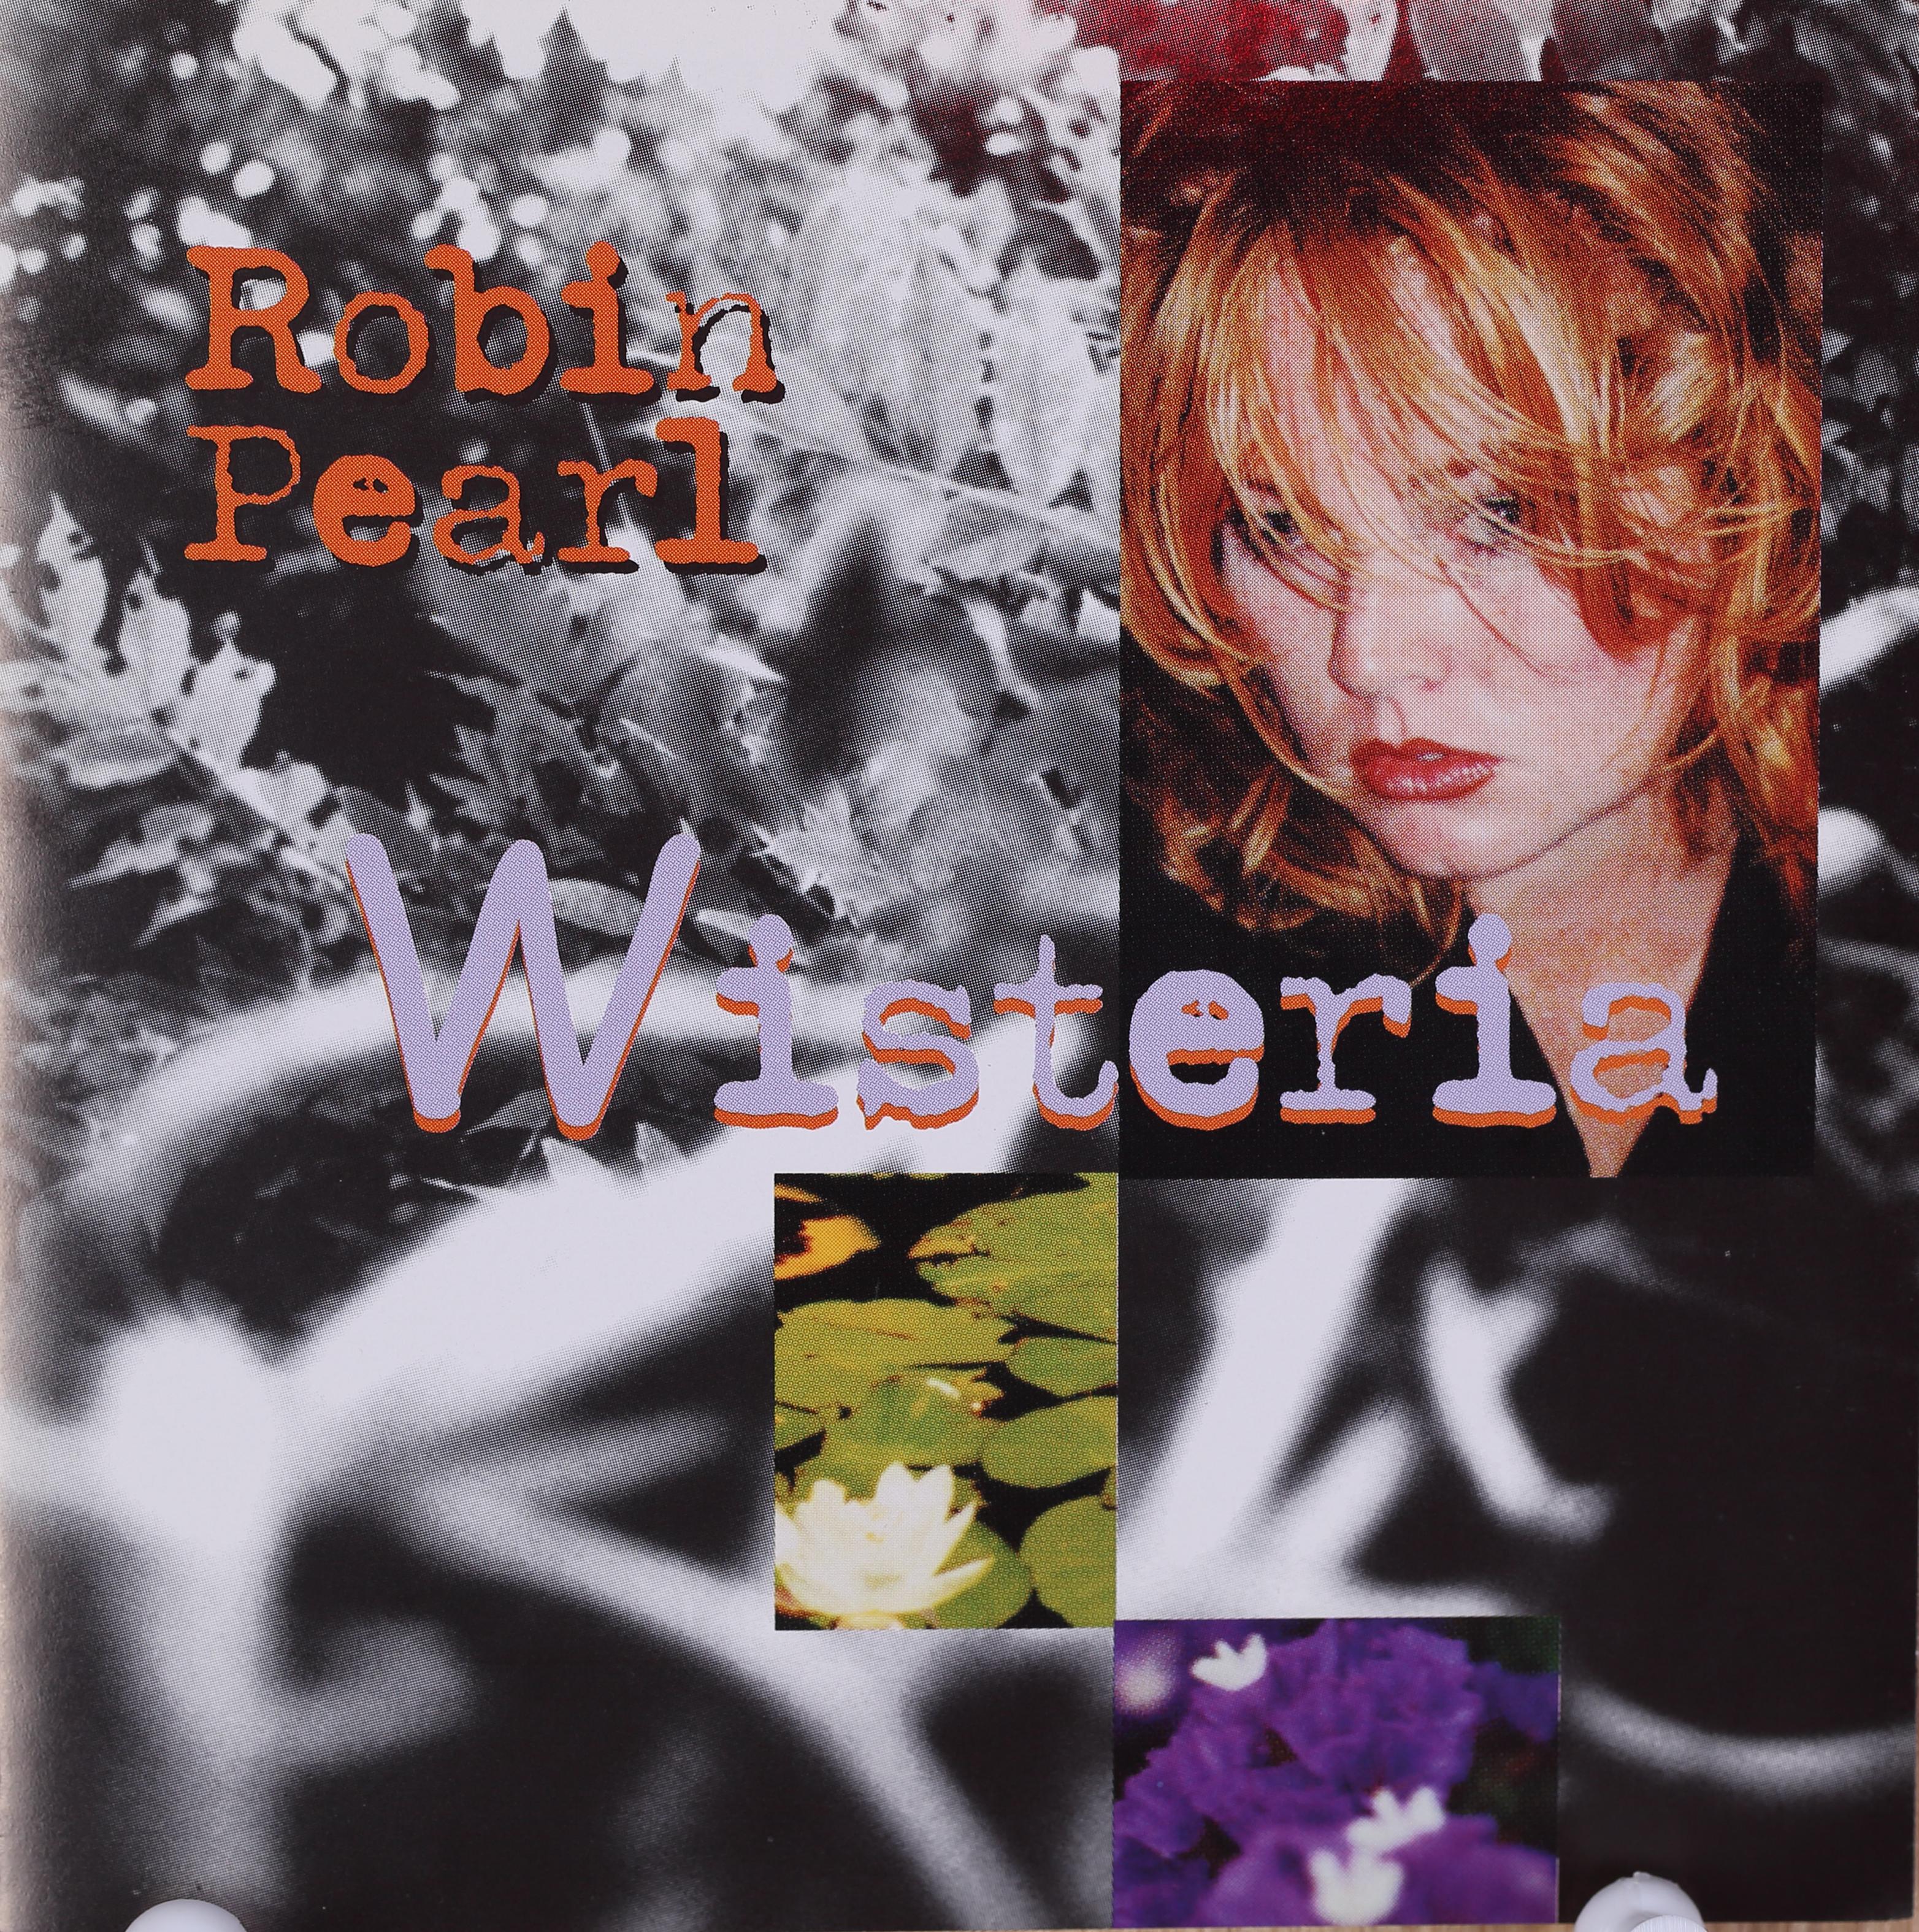 RP Wisteria Cover